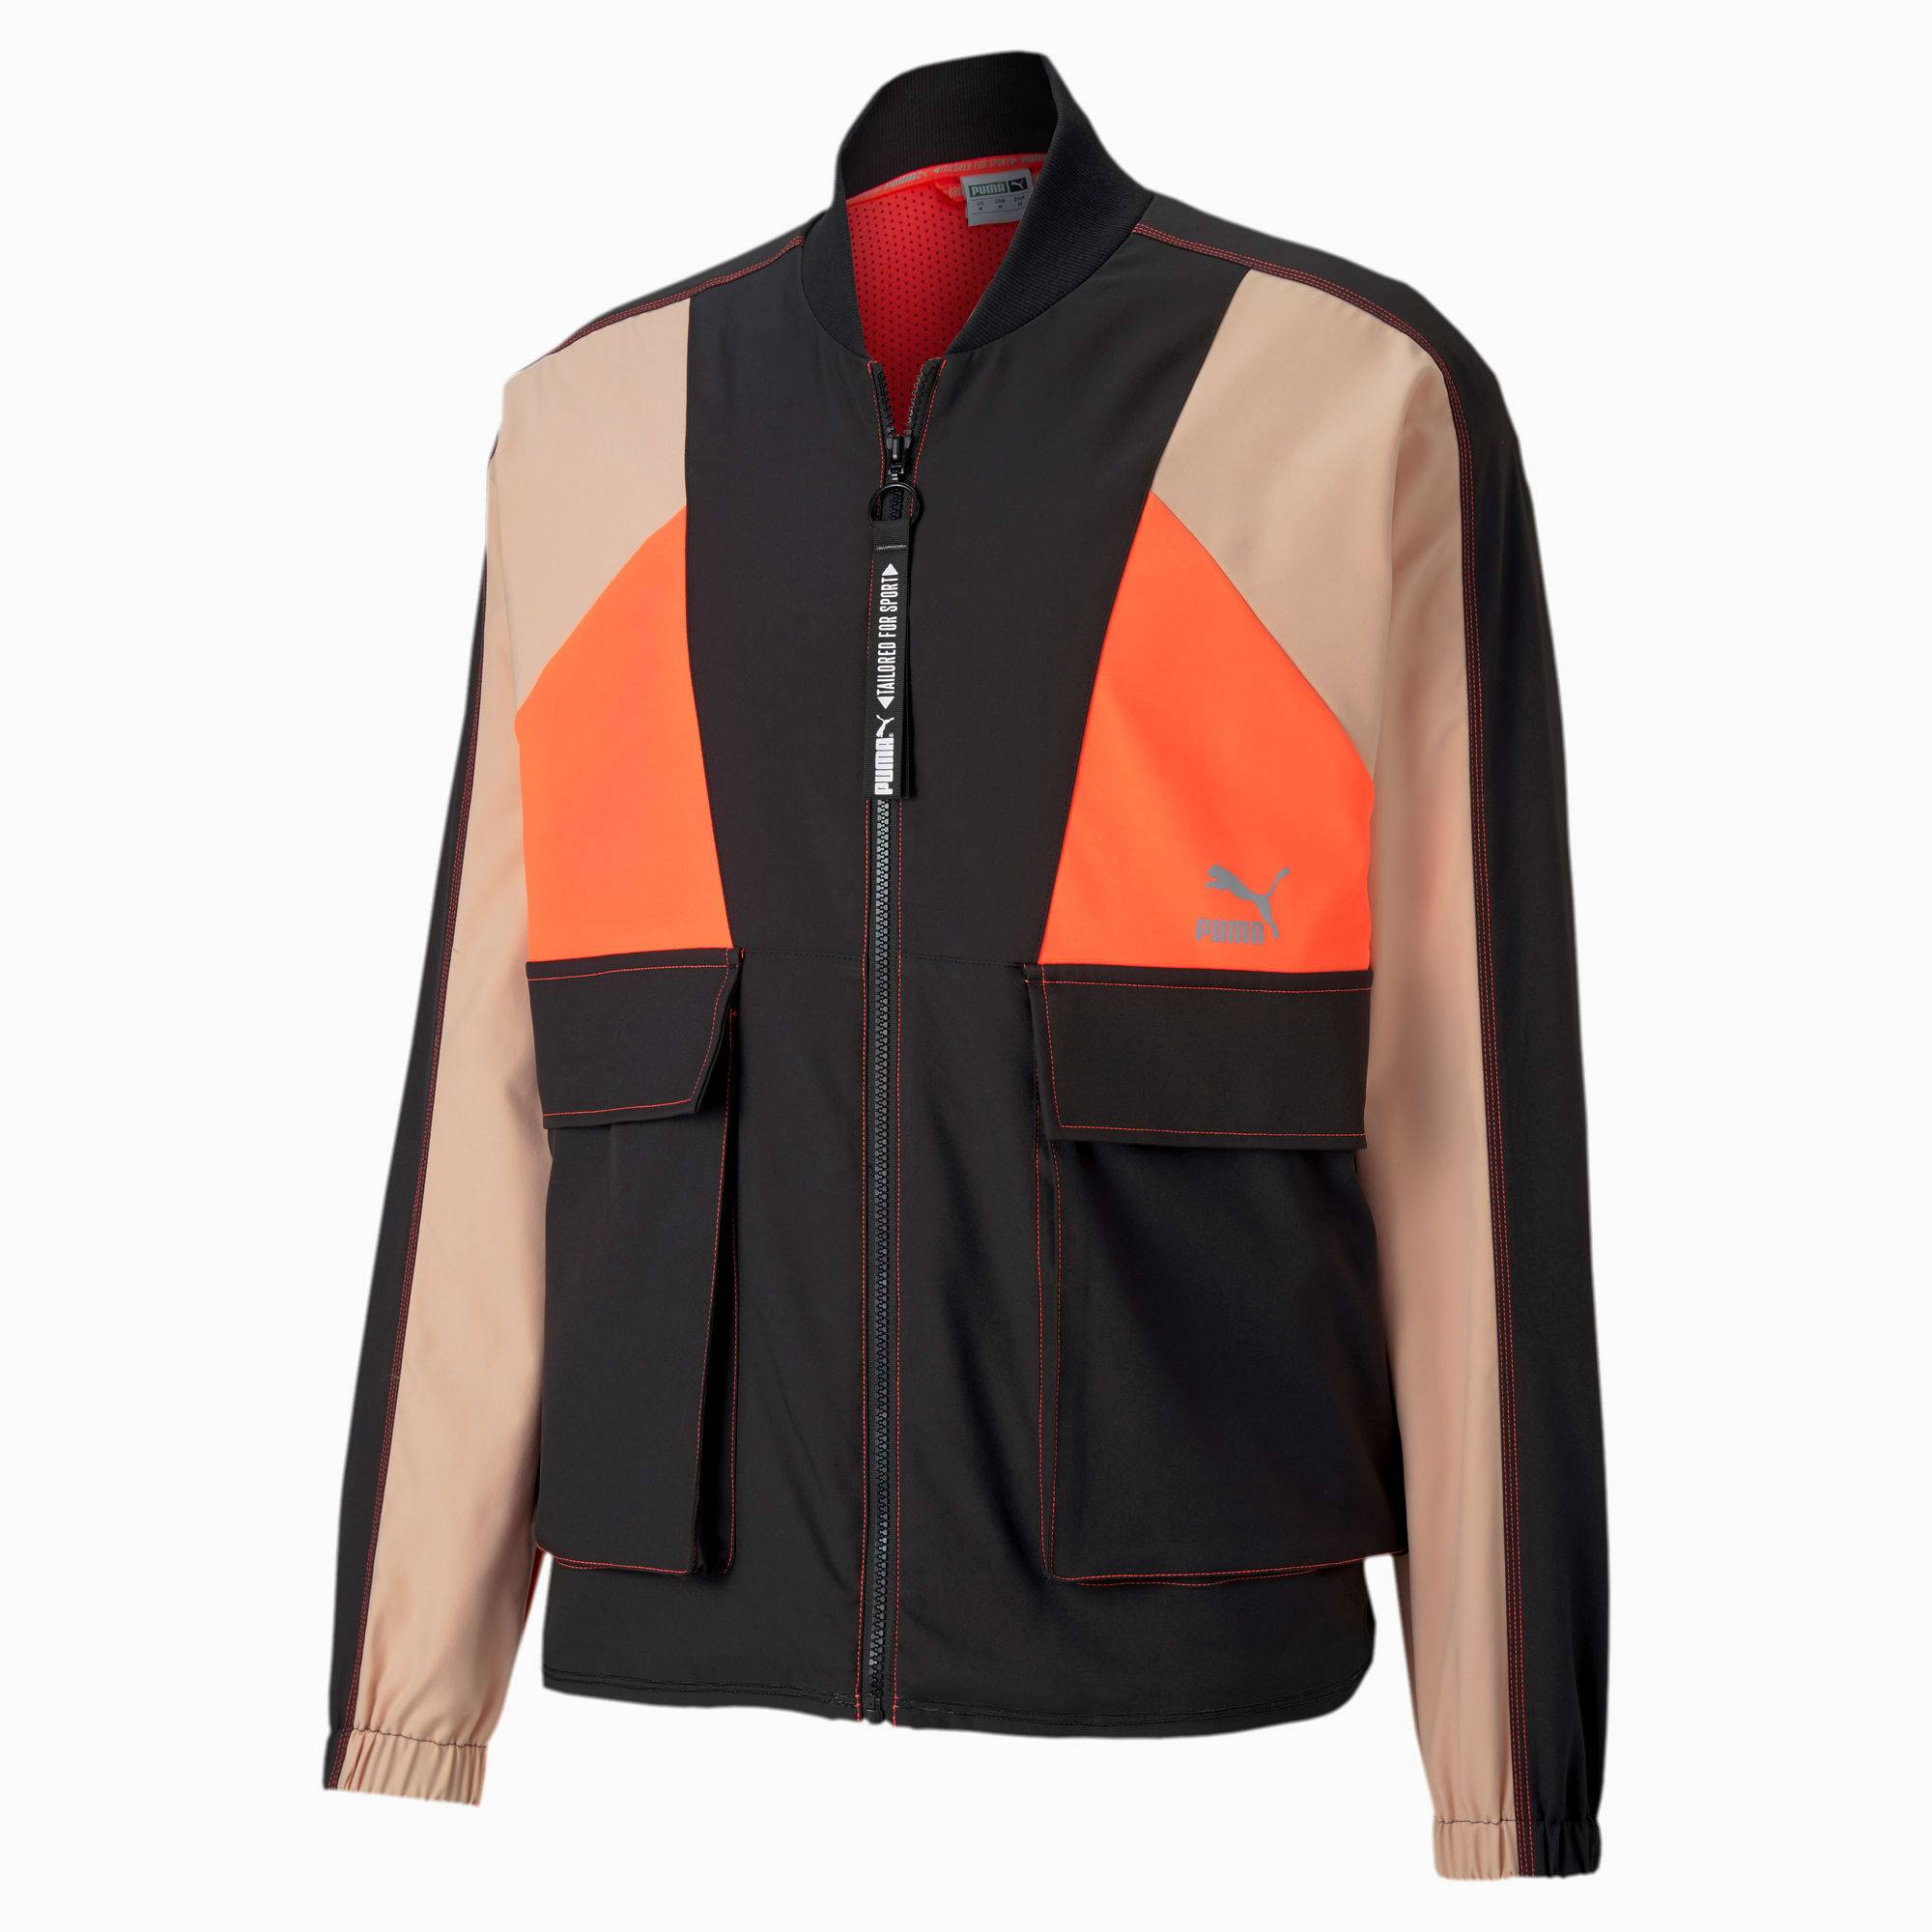 PUMA Blouson de survêtement Tailored for Sport Industrial pour Homme, Noir, Taille XS, Vêtements